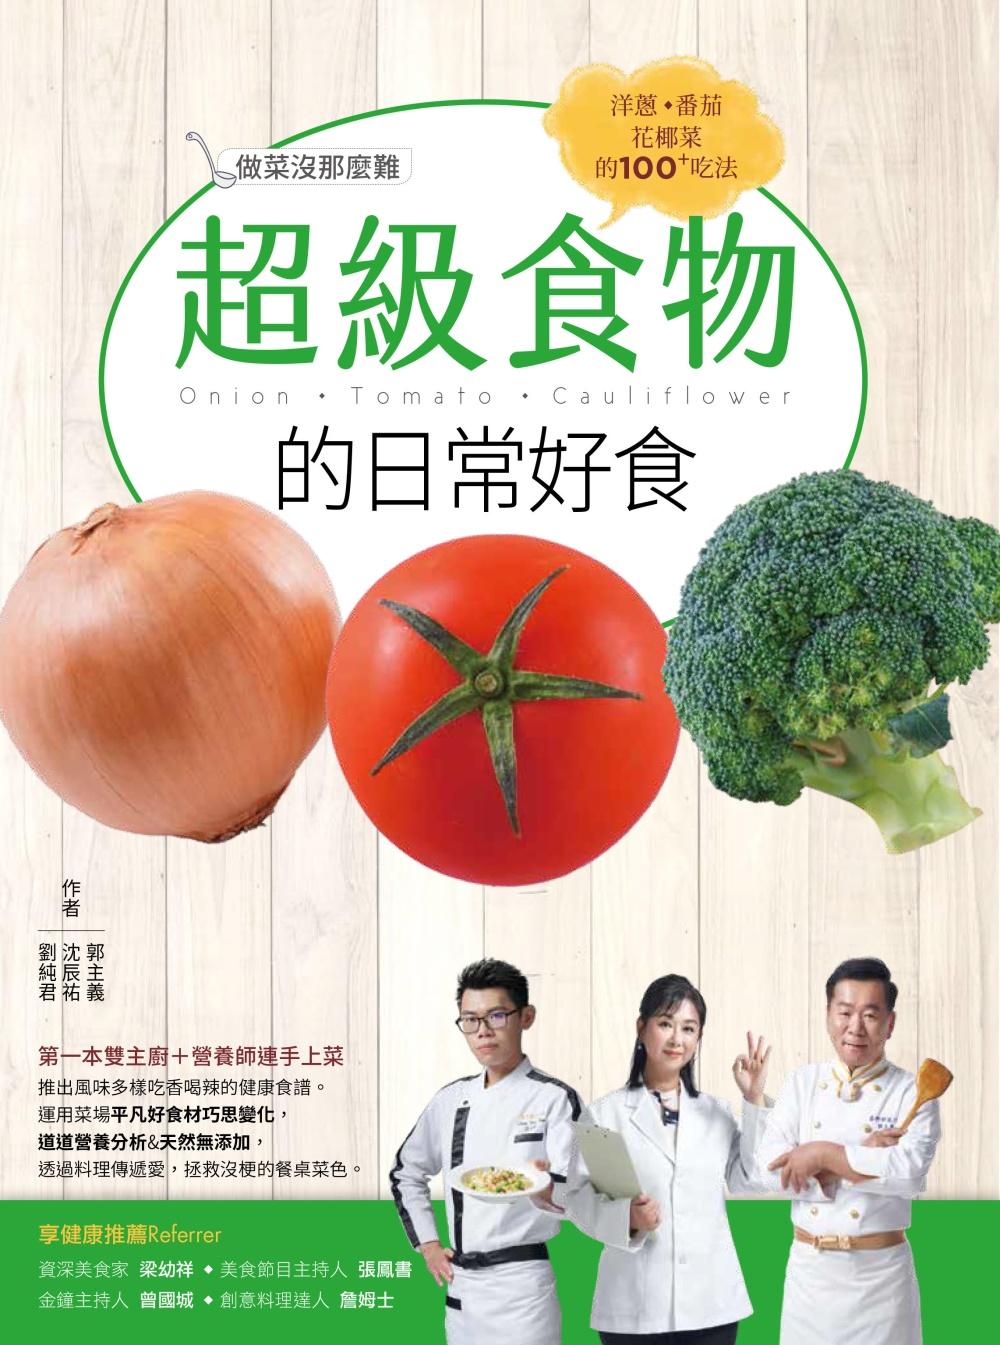 超級食物的日常好食:洋蔥、番茄...